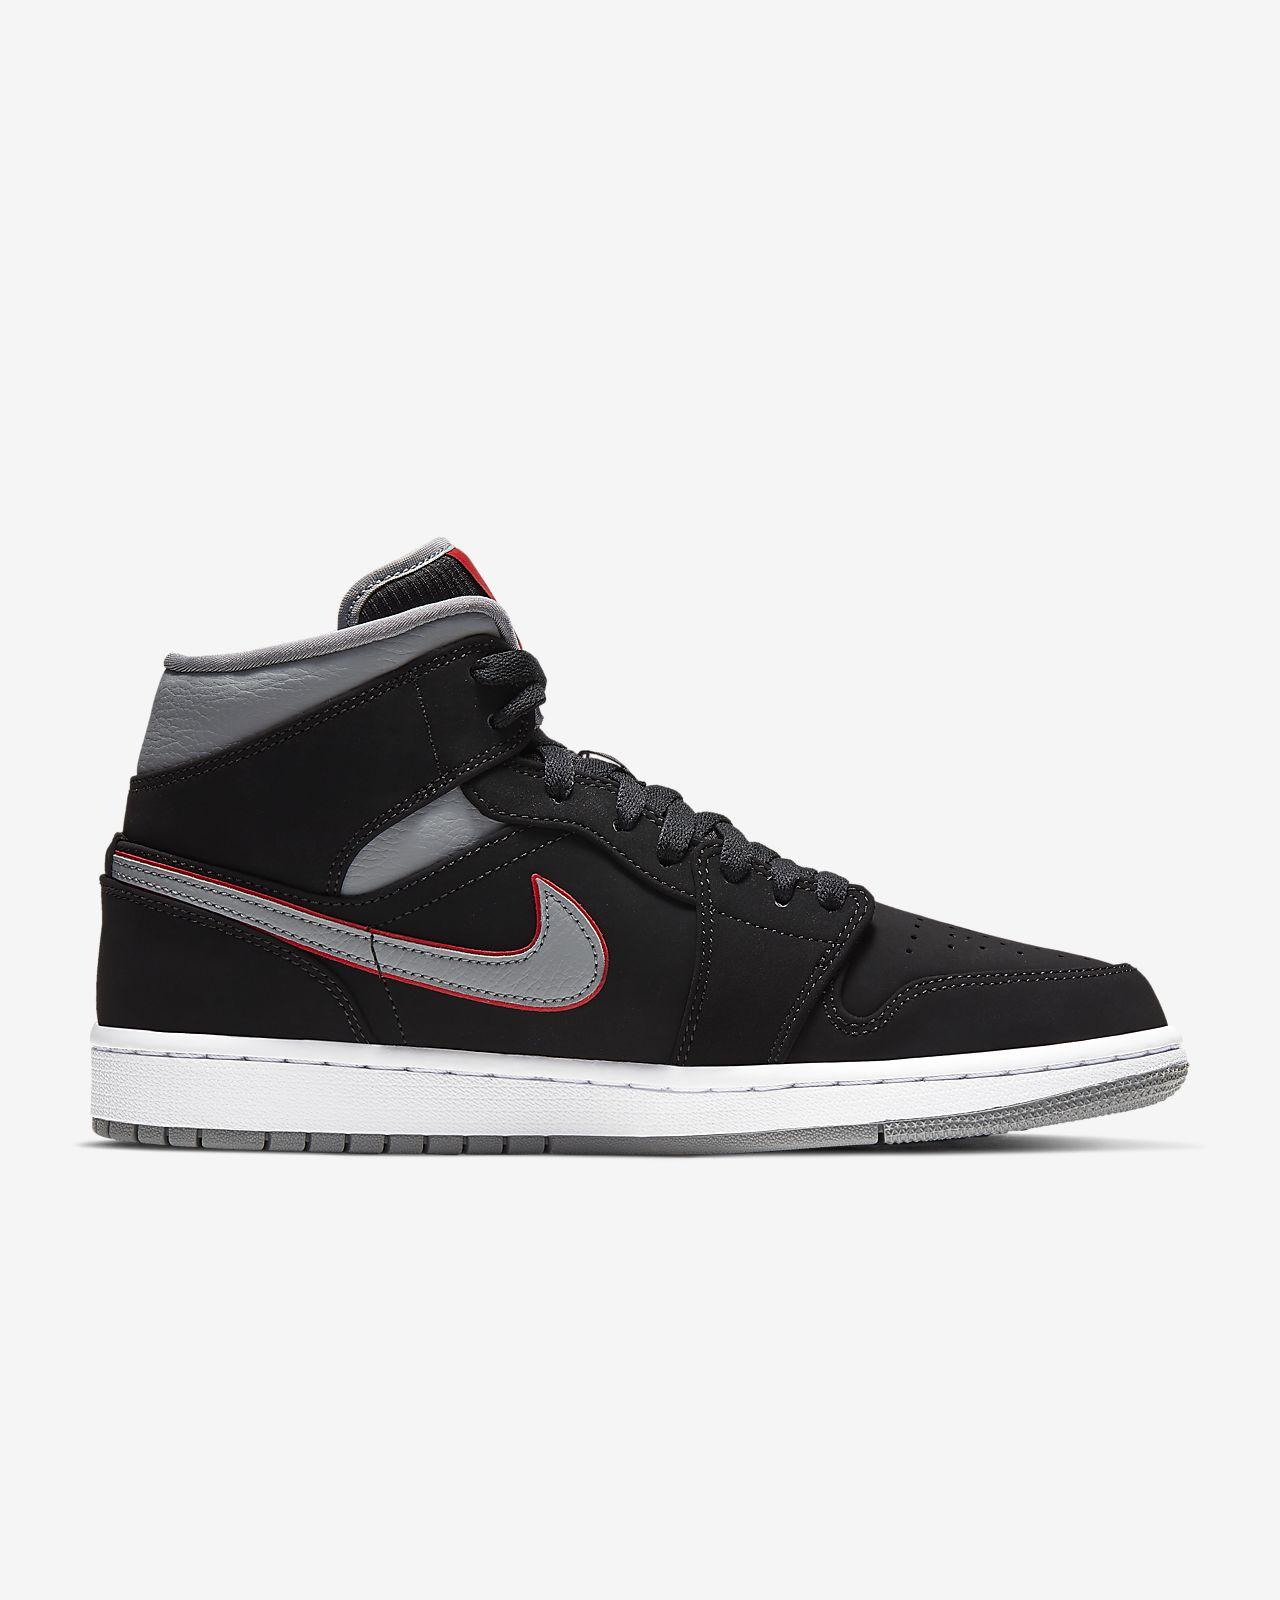 052b5b8852f5e Air Jordan 1 Mid Zapatillas - Hombre. Nike.com ES